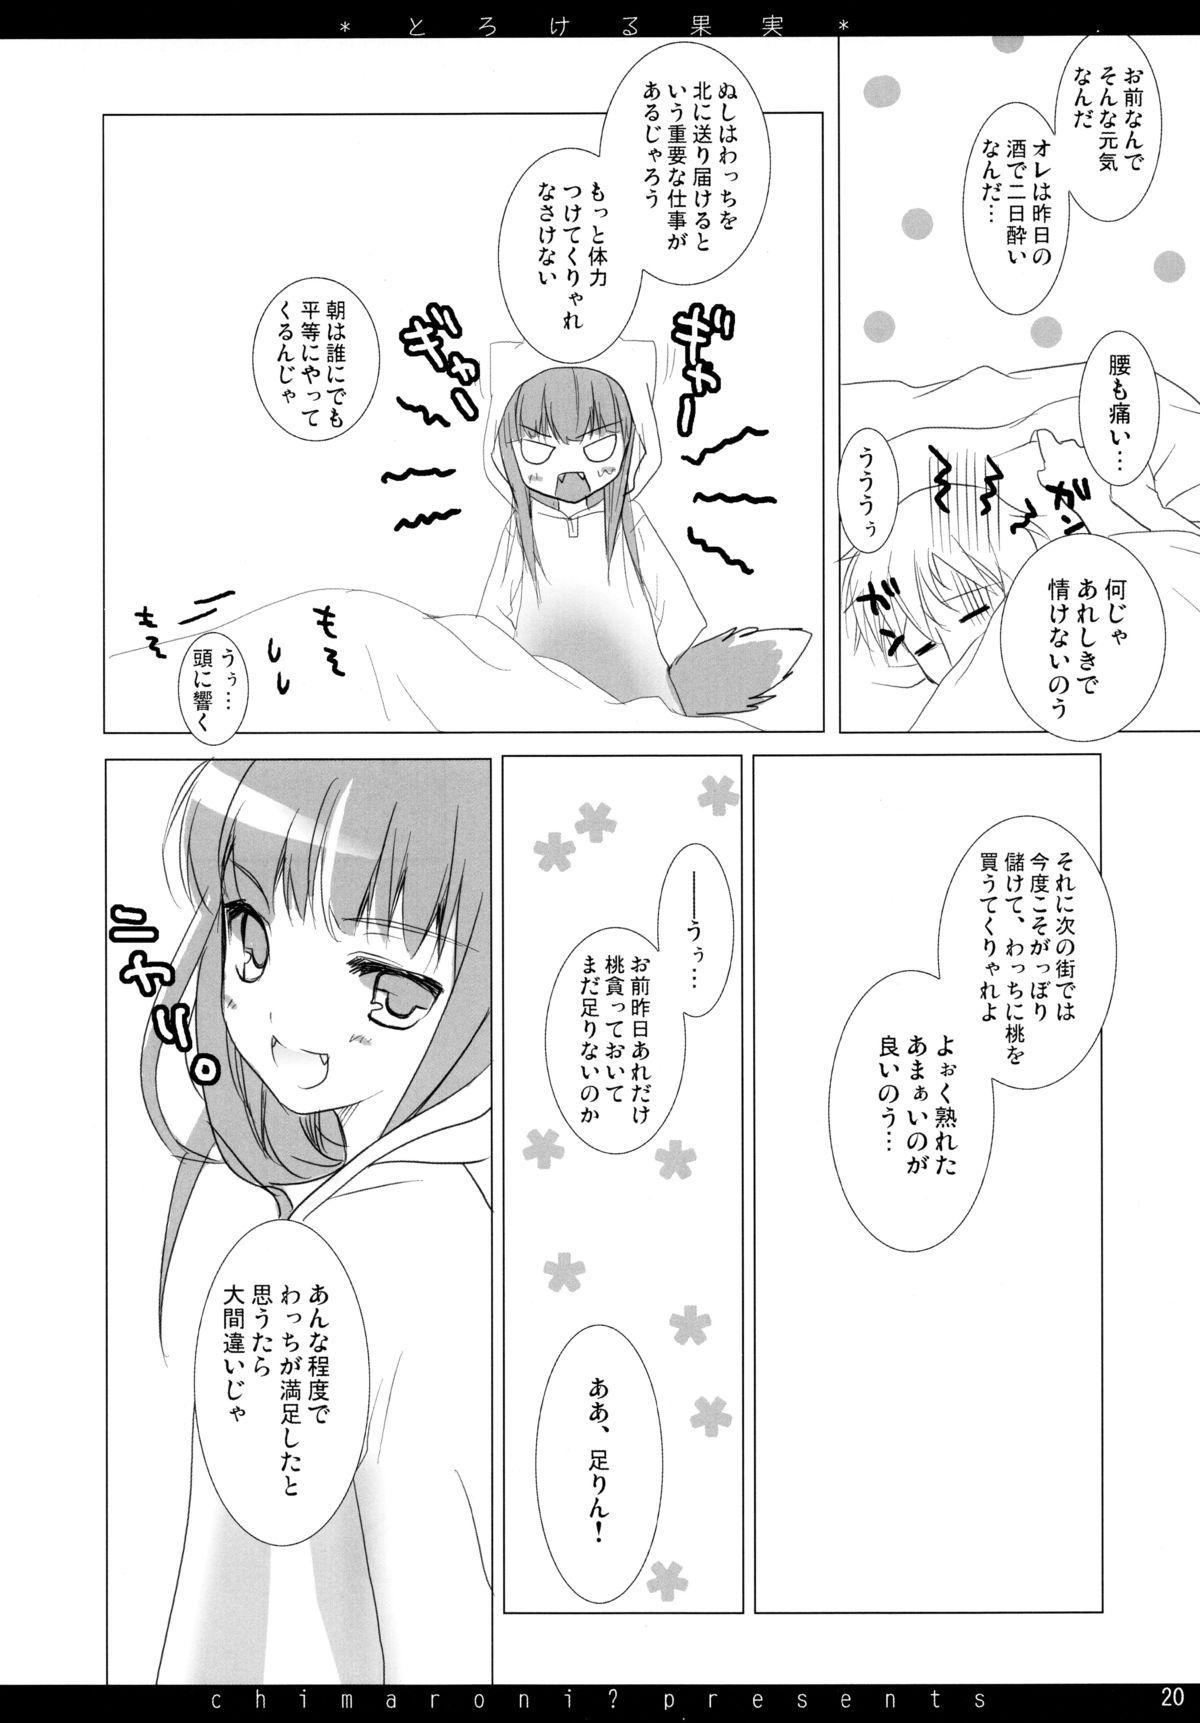 Torokeru Kajitsu 19